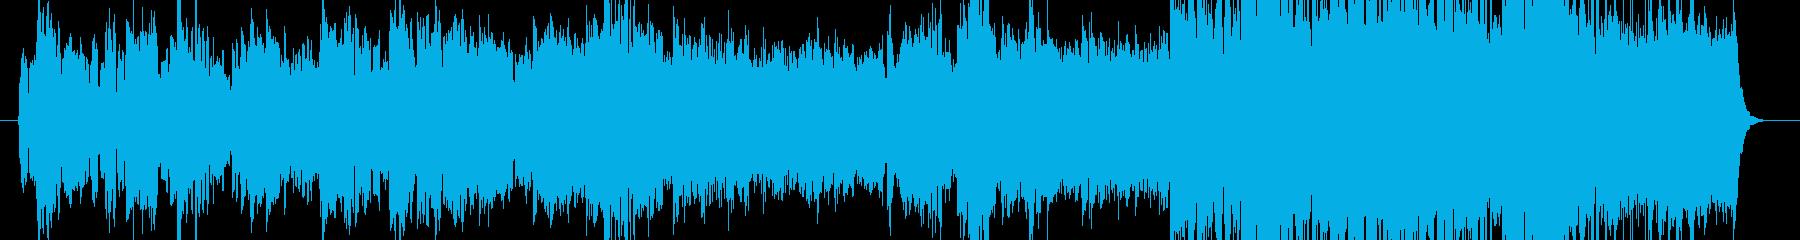 ゆったりとした和風BGMの再生済みの波形